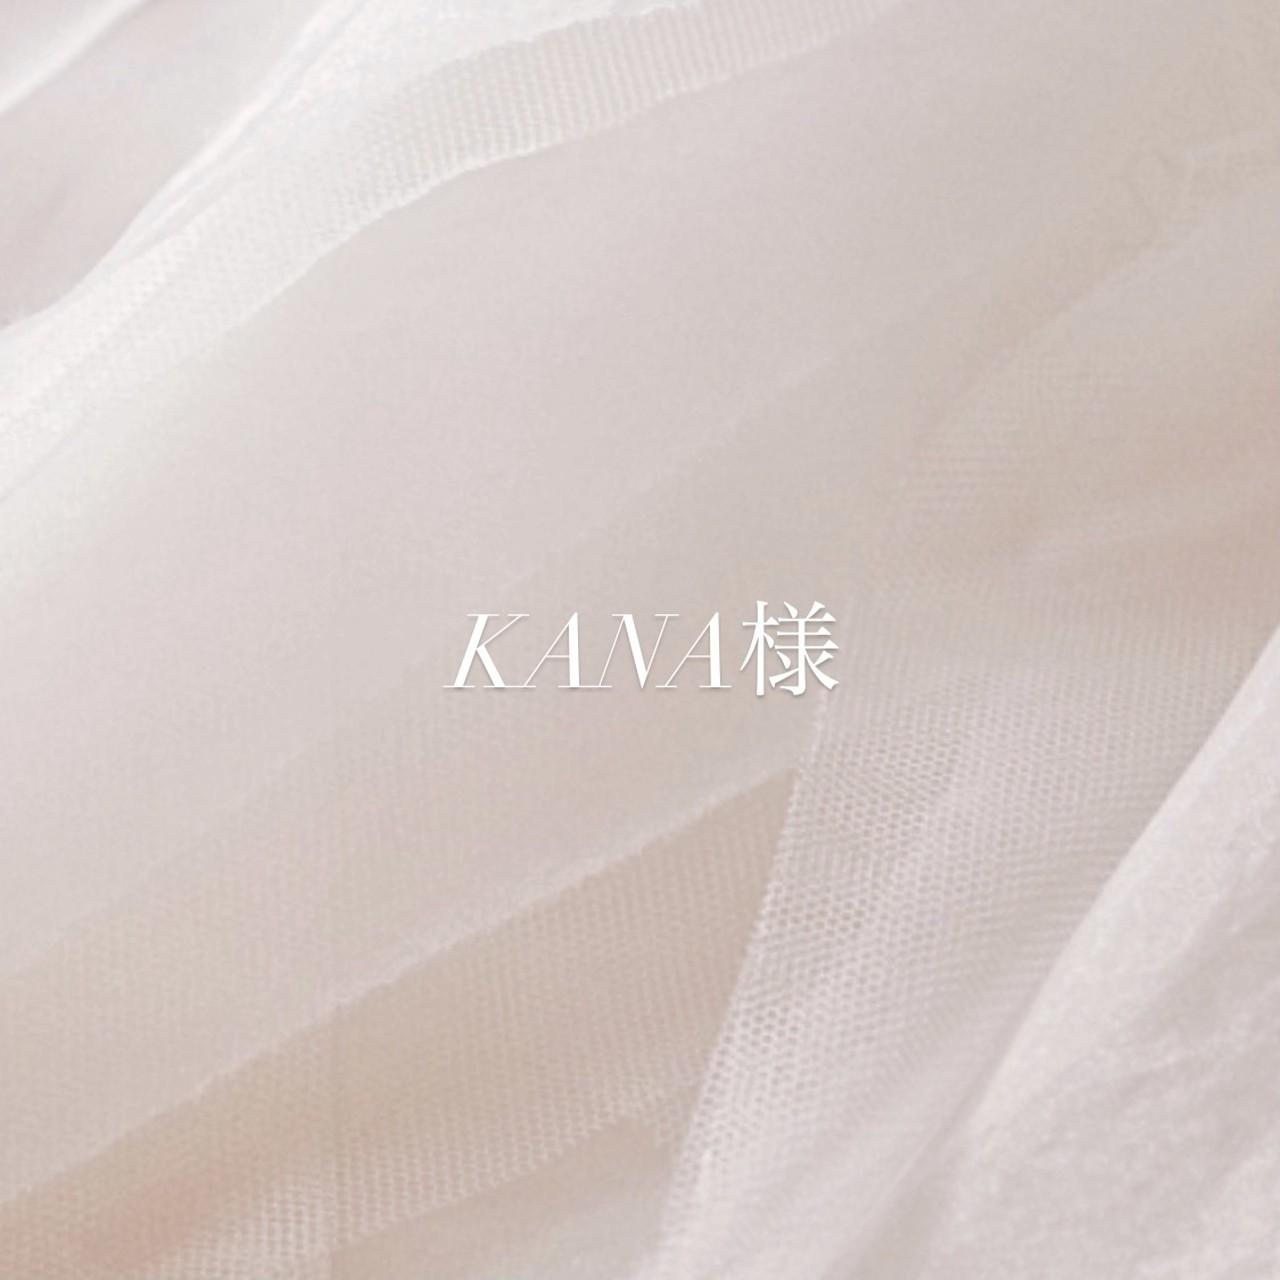 KANA様 専用ページ